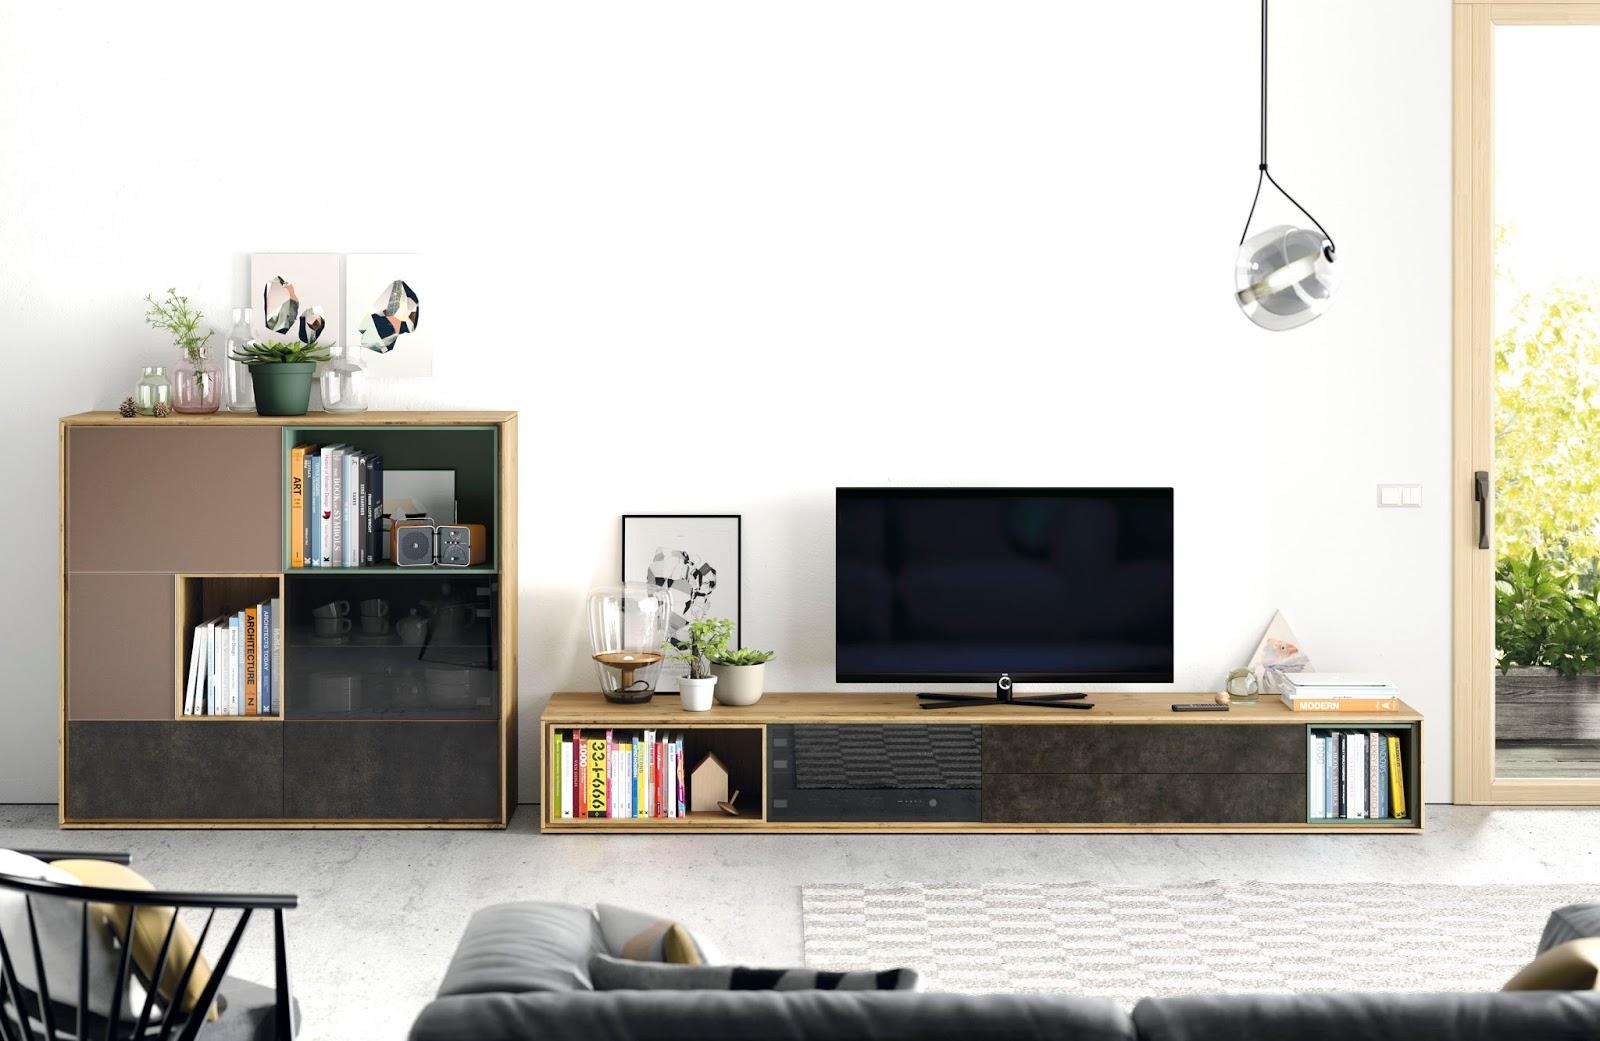 Muebles verge vive composici n c07 colecci n on book - Vive muebles ...